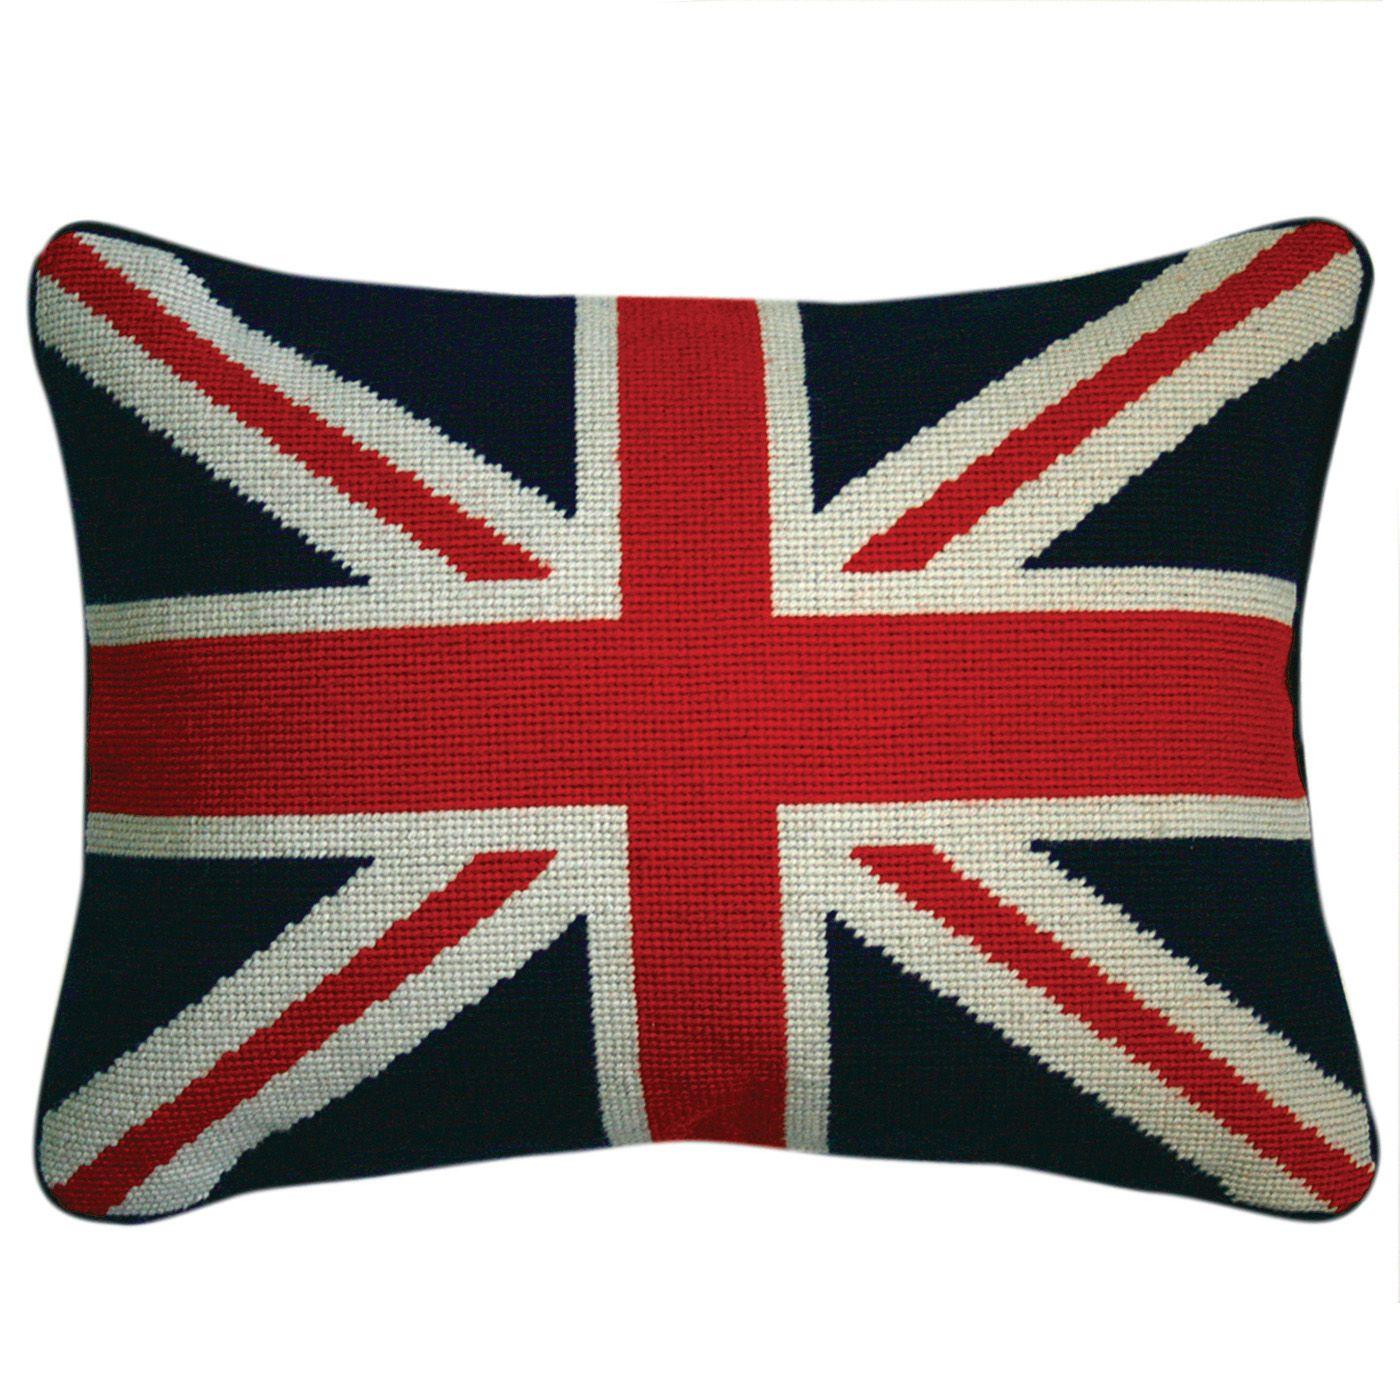 Modern Needlepoint Pillows